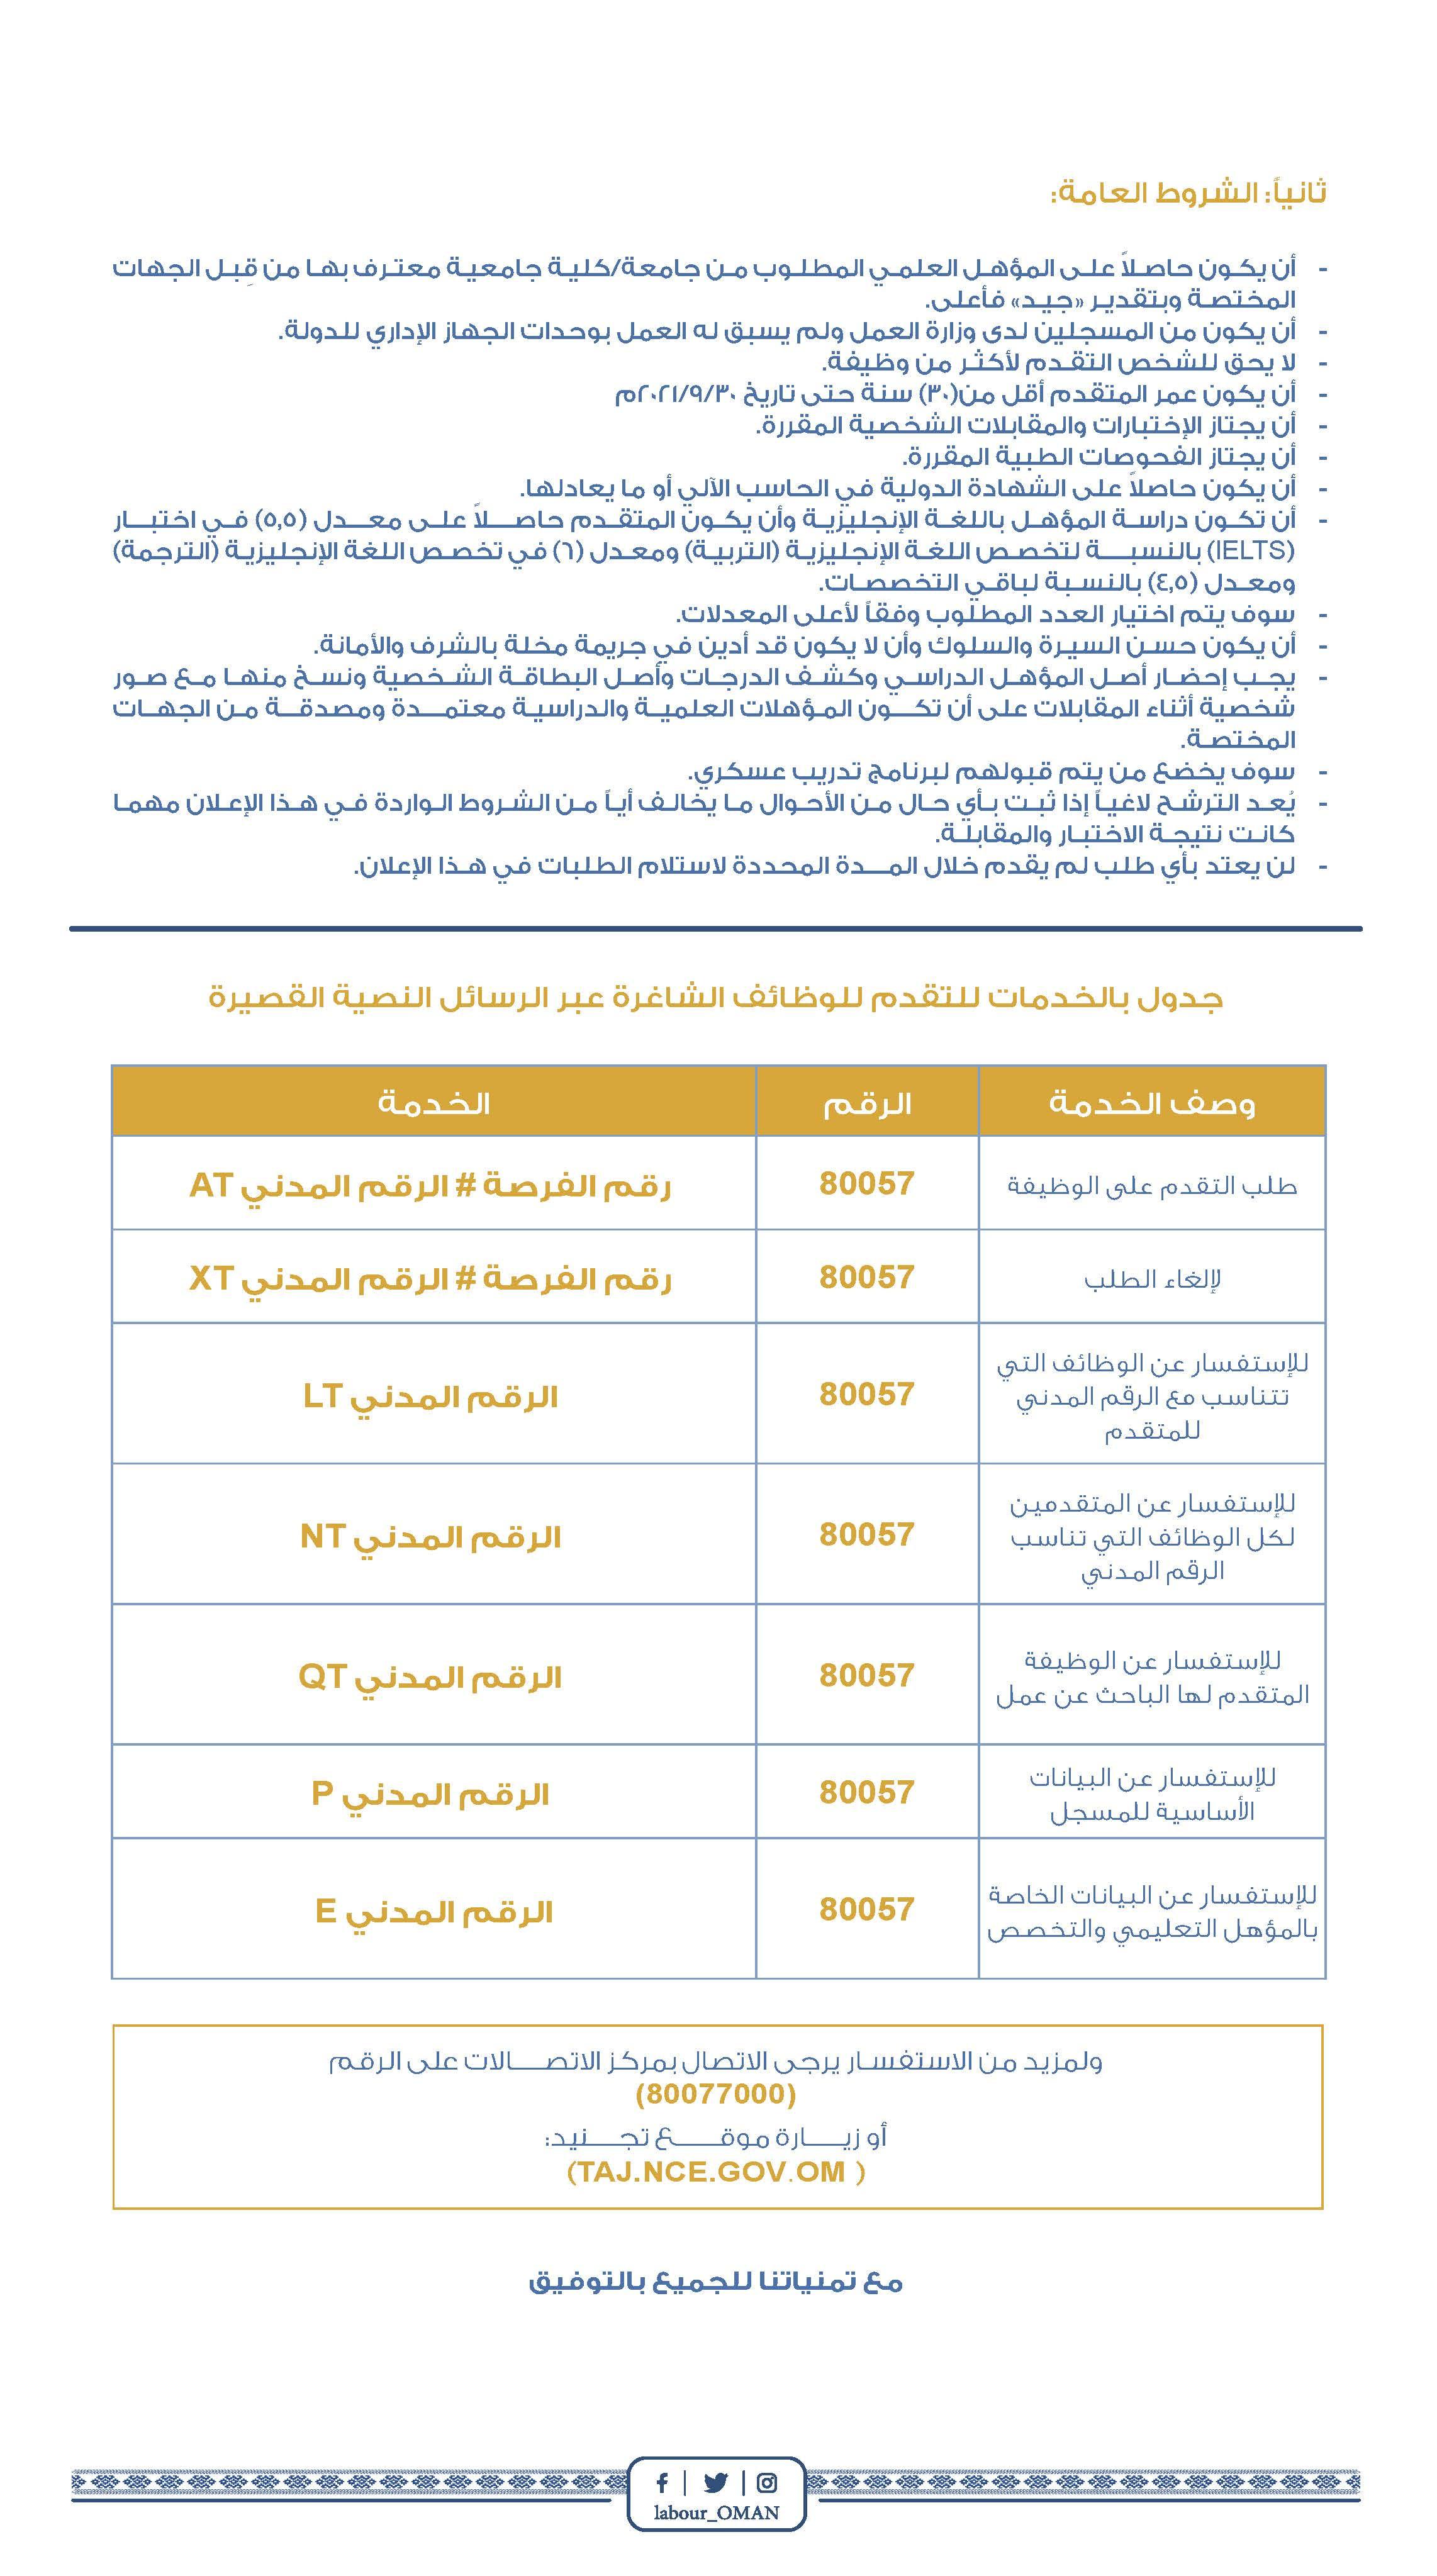 إعلان  ٢٠٢١١٦ شرطة عمان السلطانية-تفصيلي _Page_2.jpg